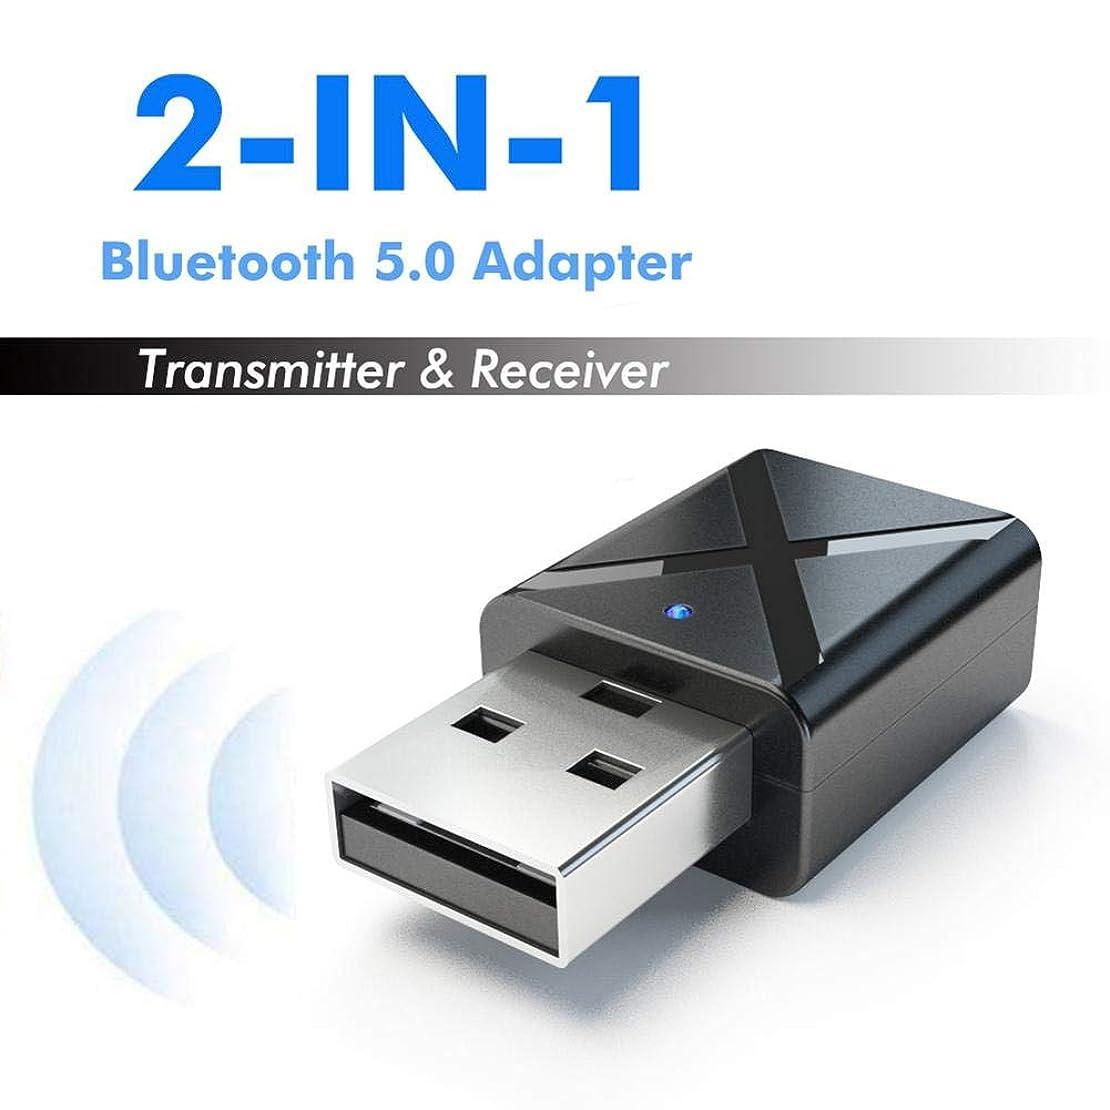 フィヨルドミント文句を言う【2019 最新昇級版】 Bluetooth 5.0 USB アダプタ 超小型 無線ブルートゥース 省エネ BT5.0, A2DP, AVRCP ワイヤレス ブルートゥース USBド トランスミッタレシーバ2 in 1ワイヤレス 無線USB 超軽量 超小型